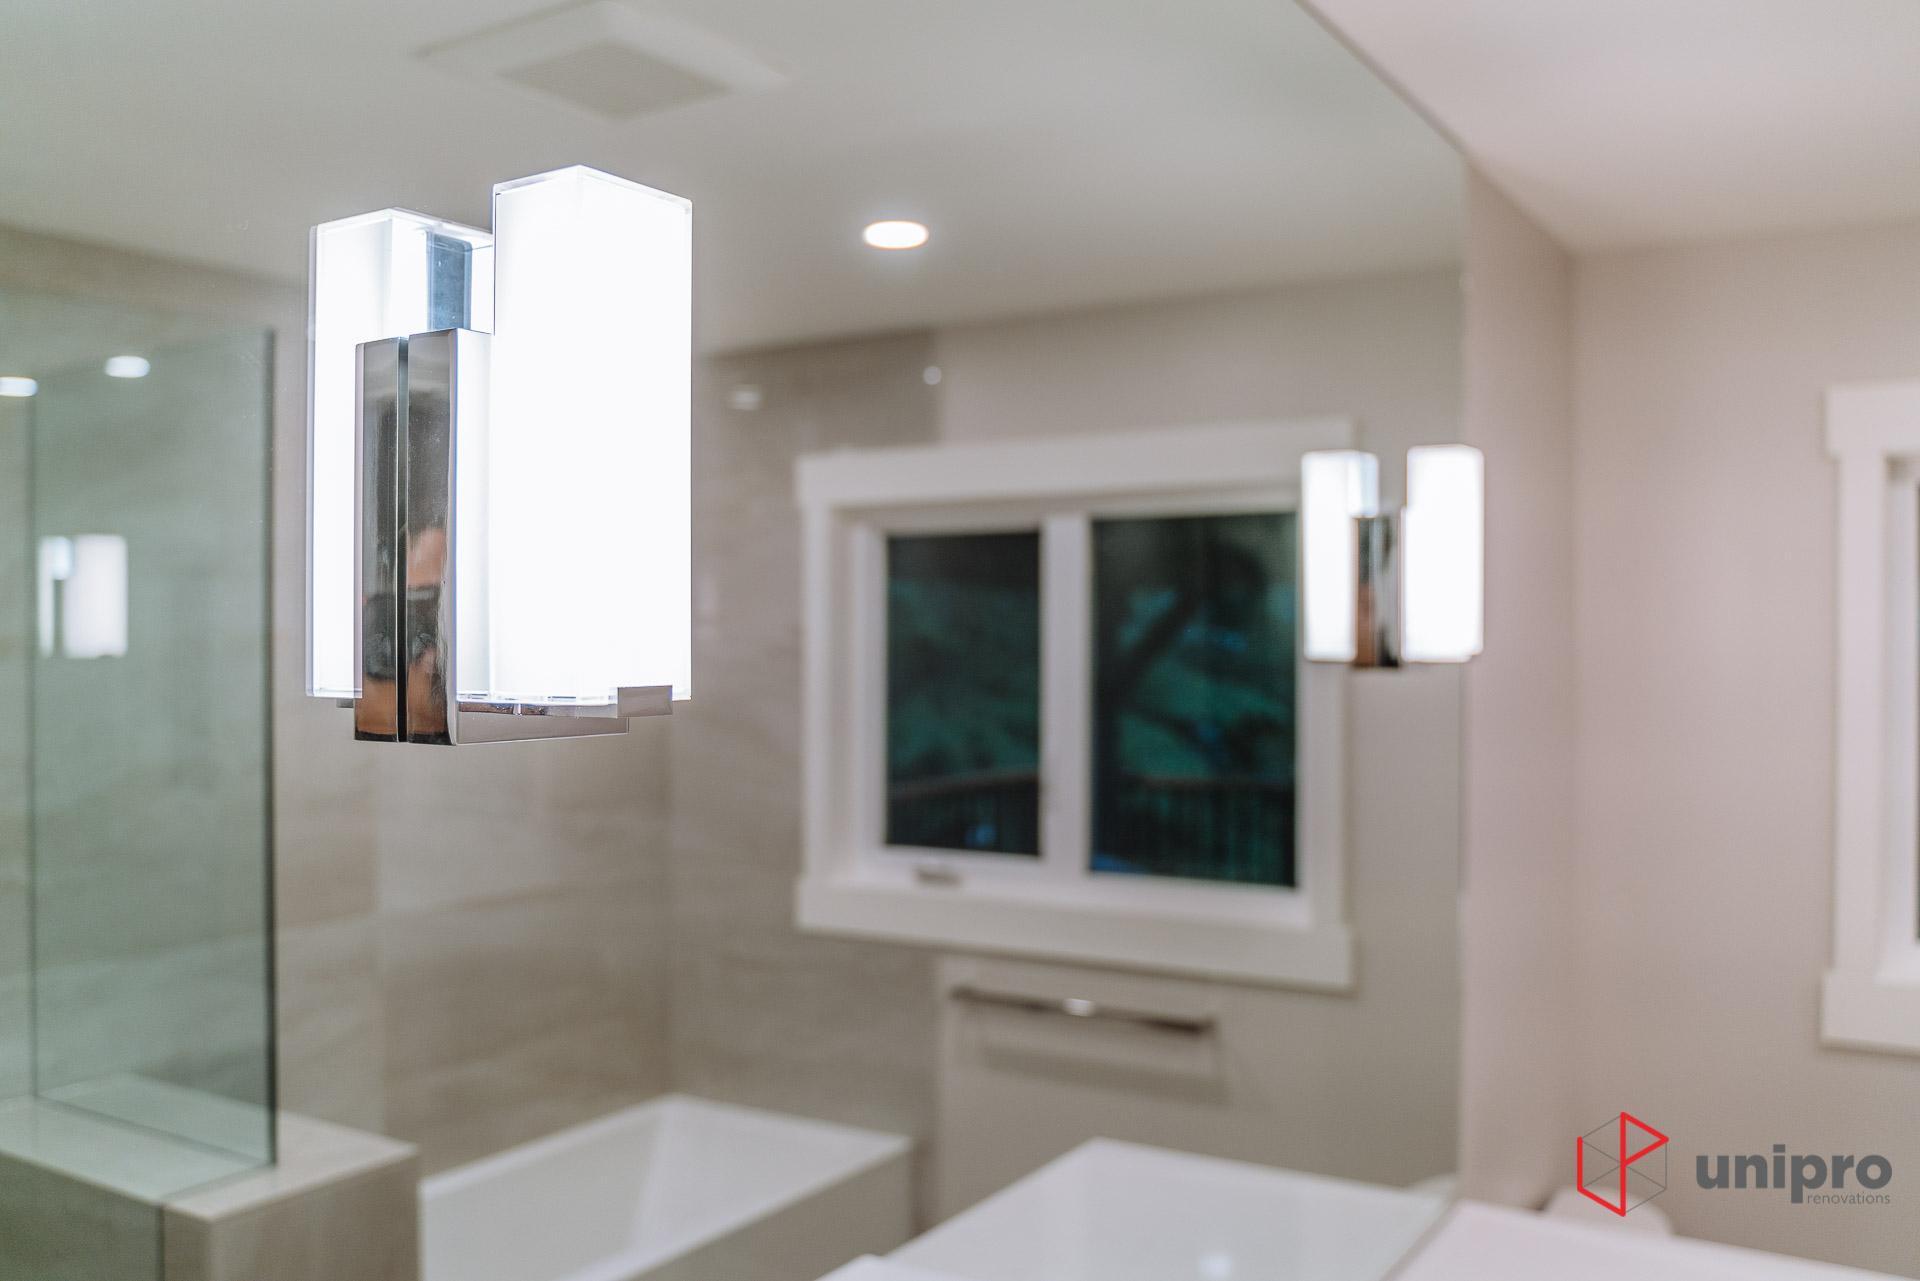 north-vancouver-bathroom-renovation-25